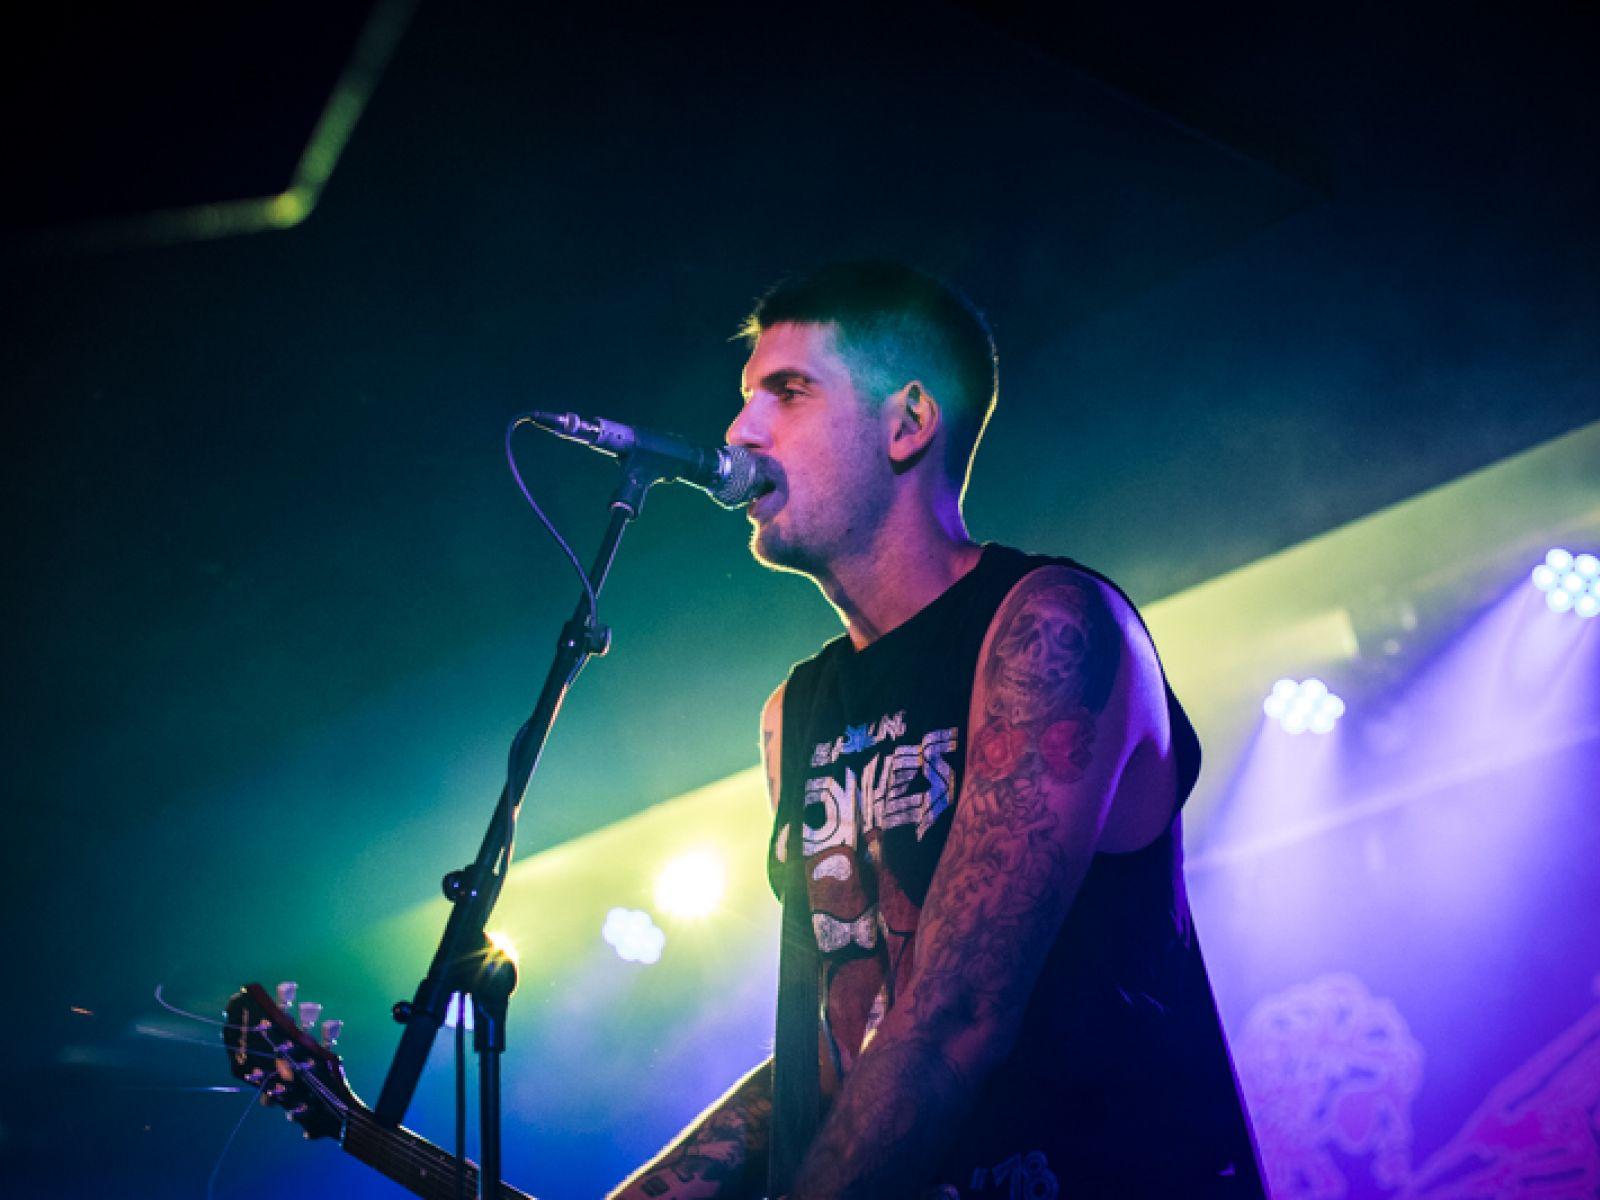 VIDEO: Five Finger Death Punch zveřejnili nový klip Ain't My Last Dance. V listopadu ho představí i u nás